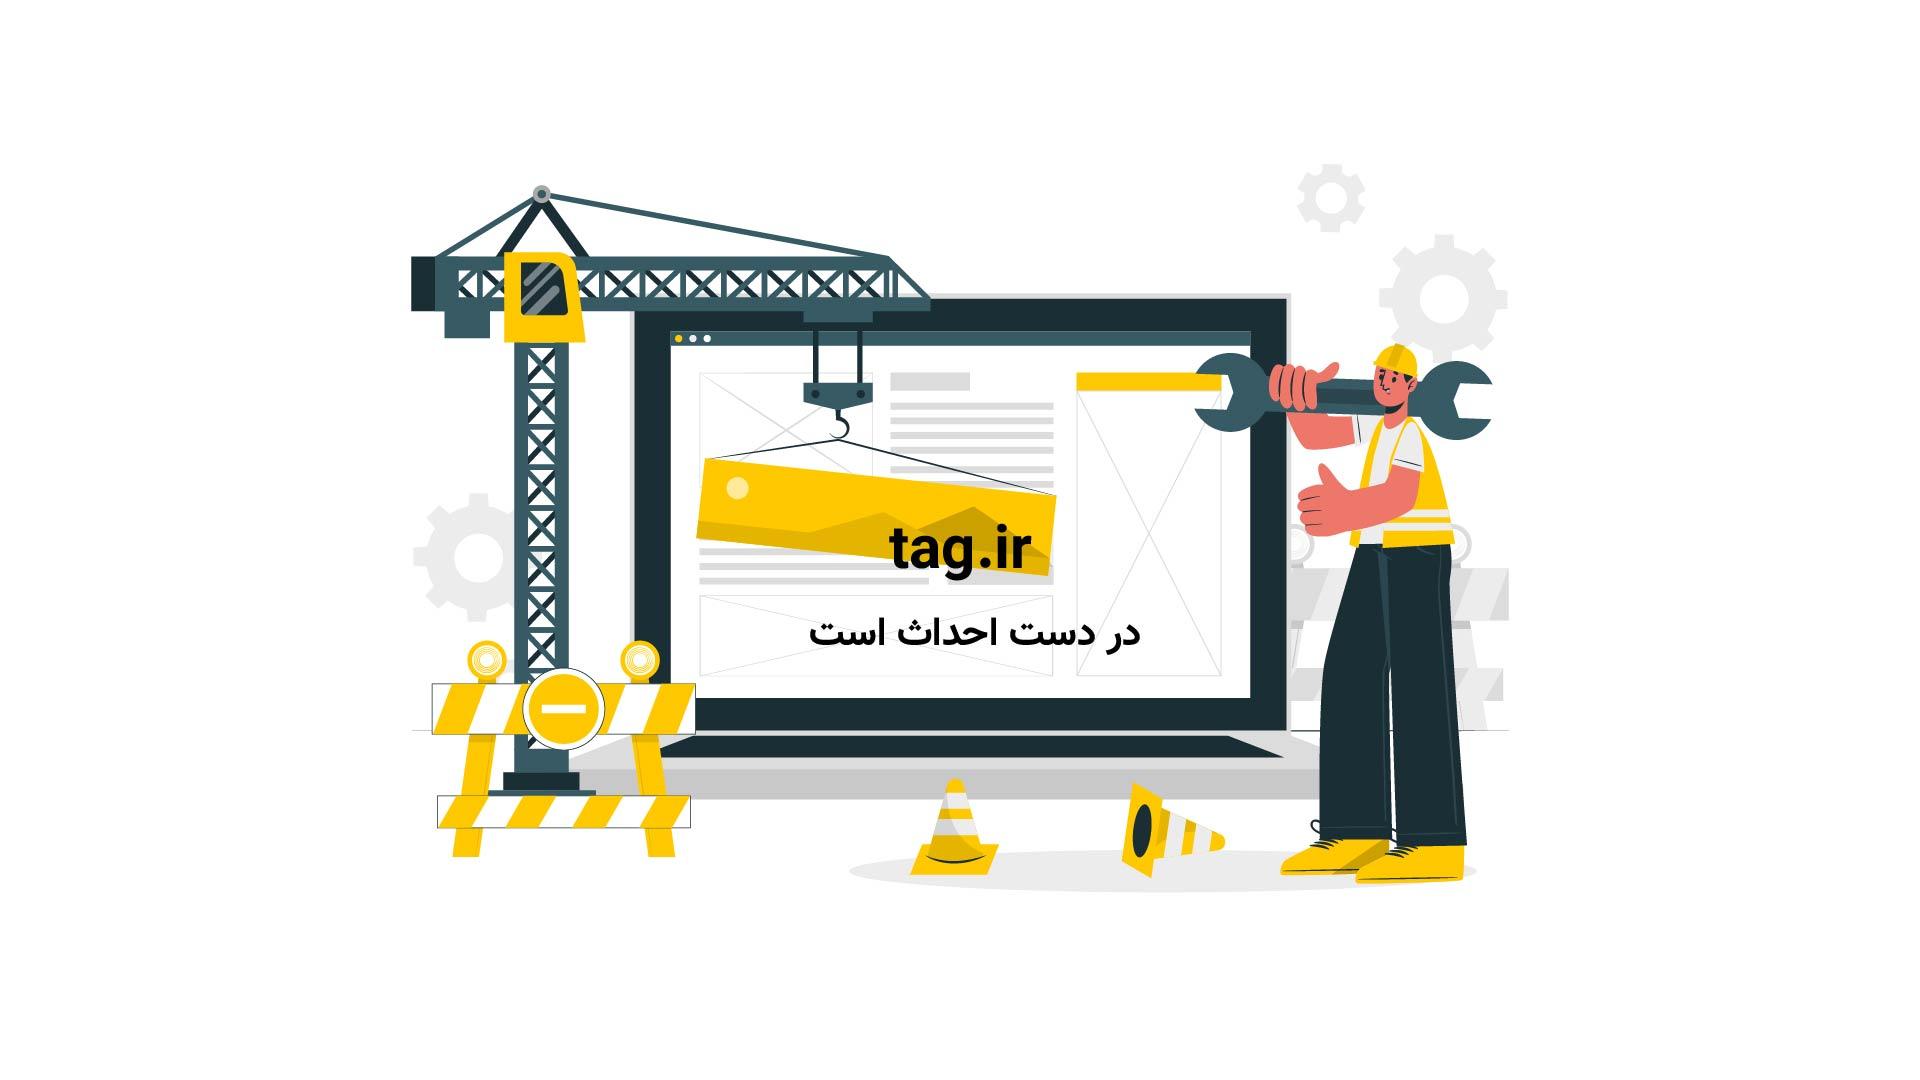 کشته شدن بیش از 100 نفر در افغانستان بر اثر برف سنگین | فیلم